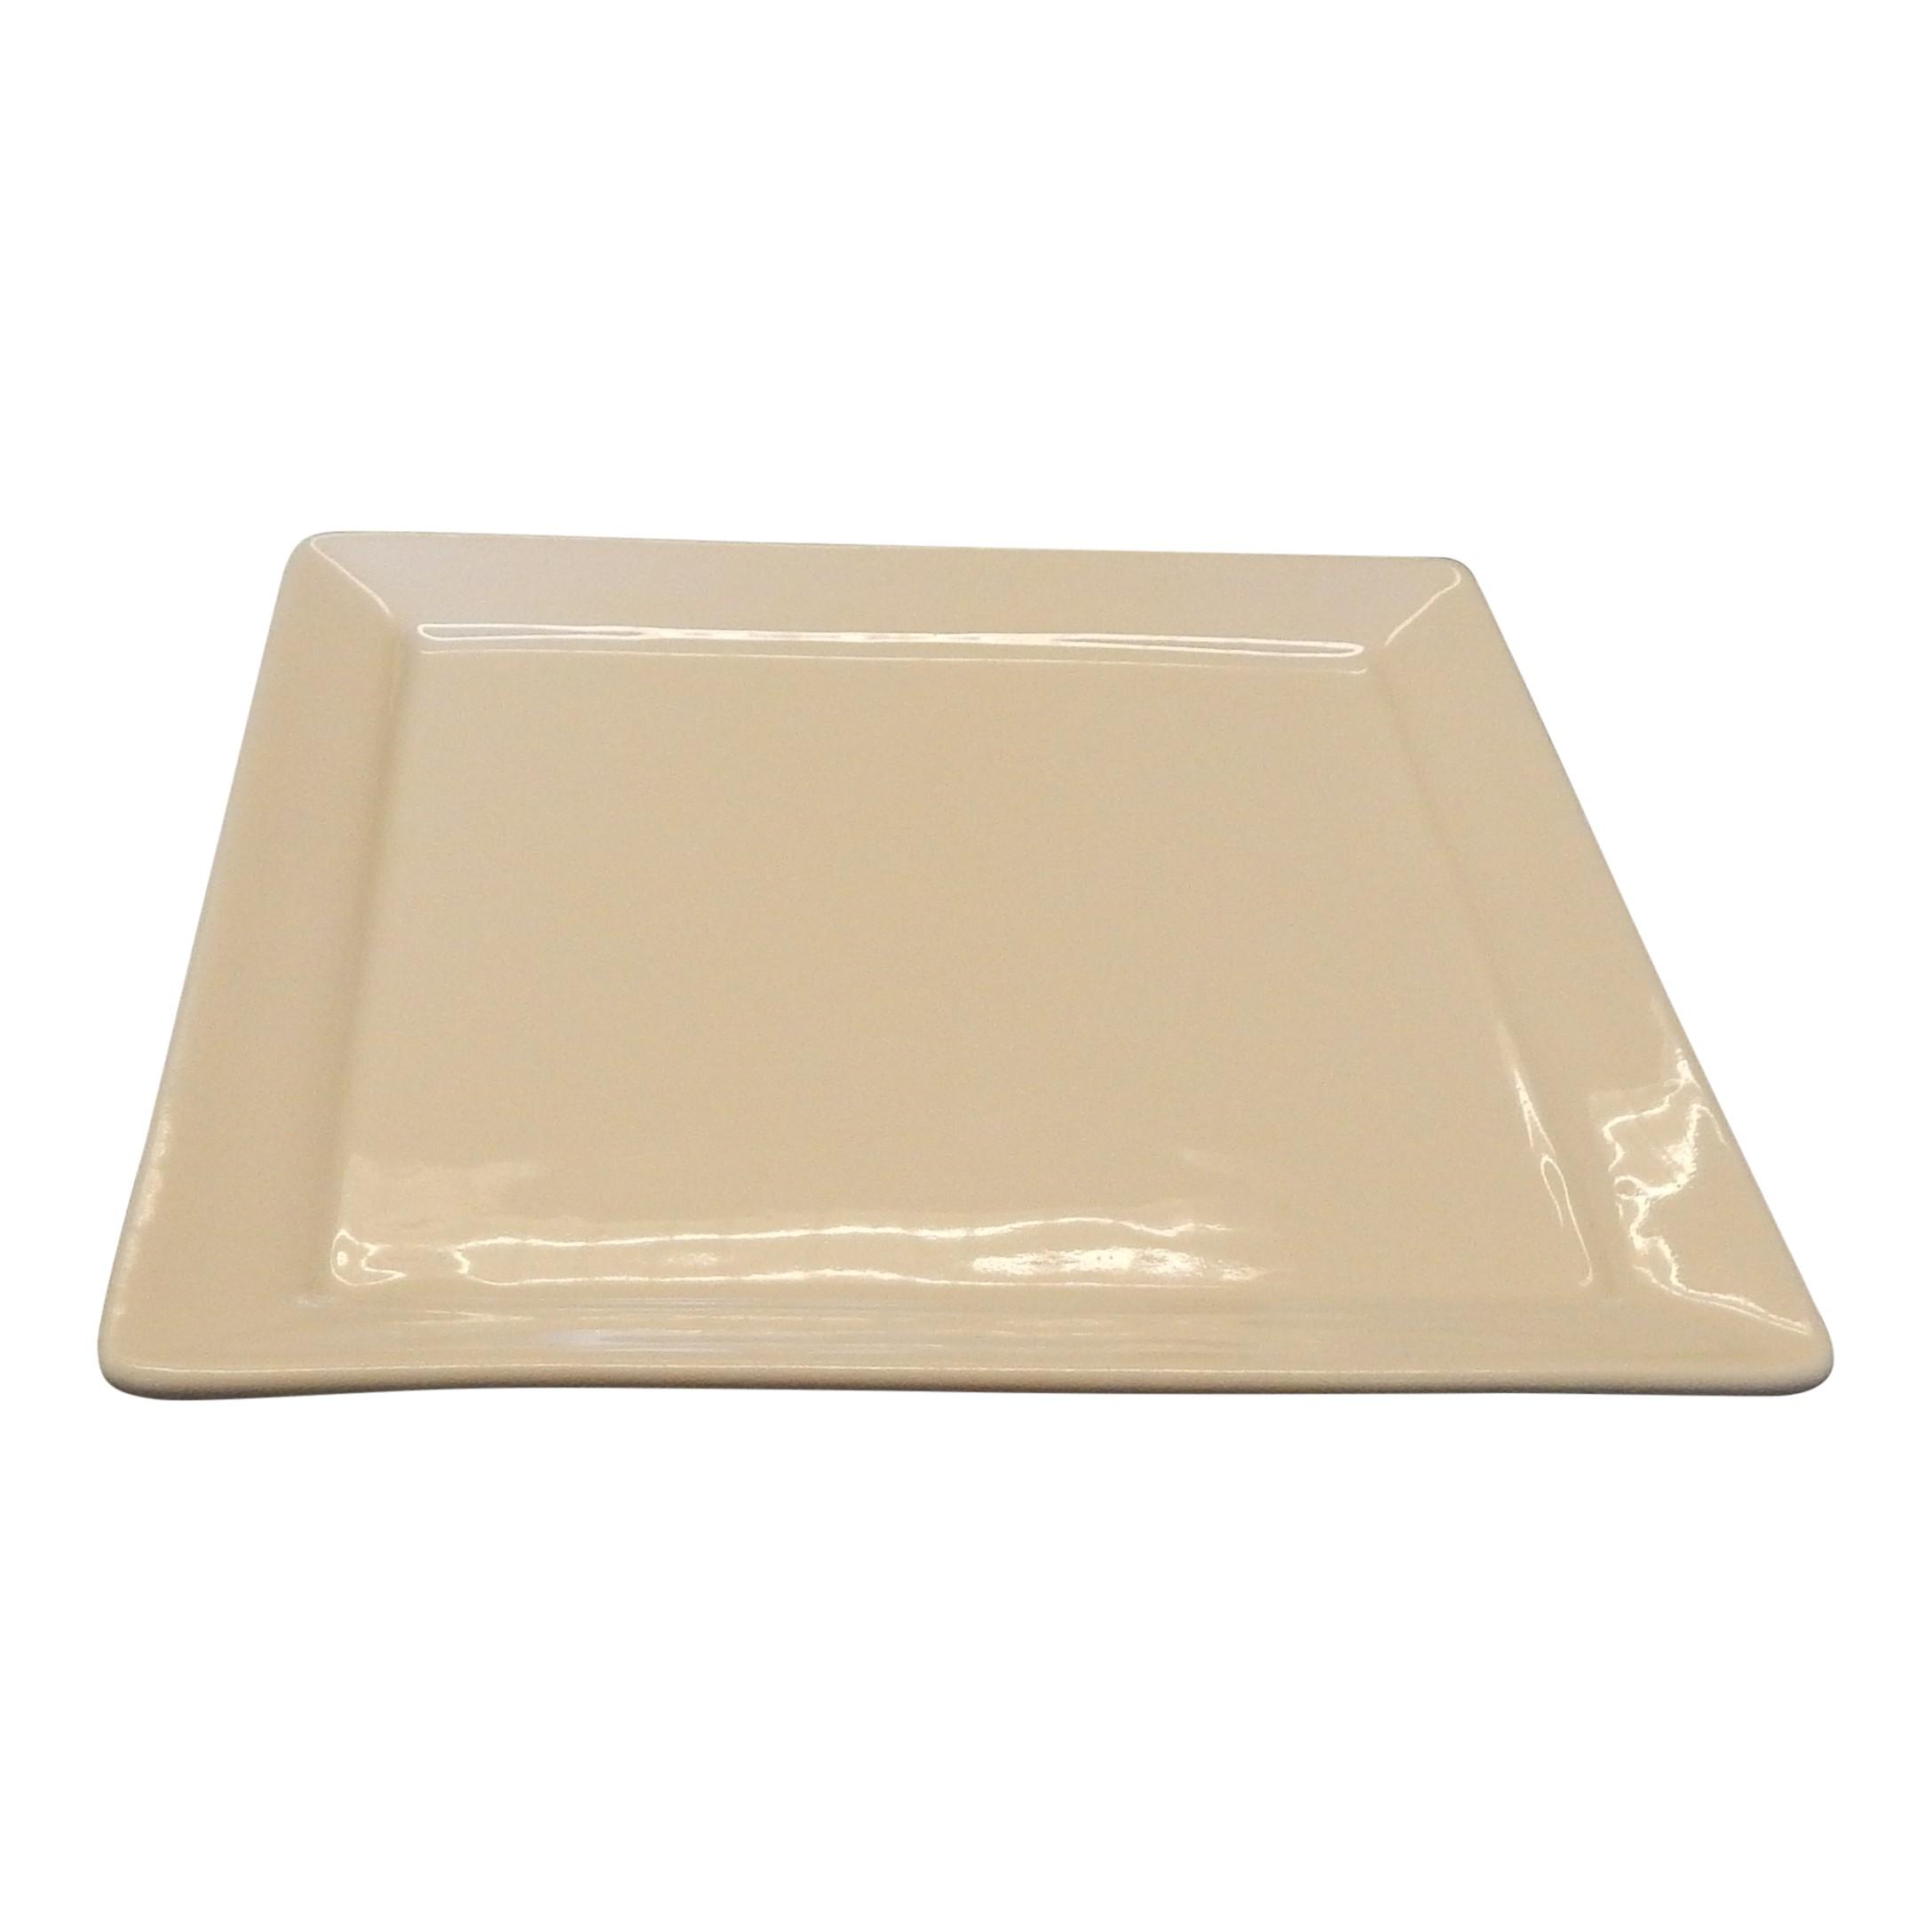 Bord 13,5cm vierkant ivoor